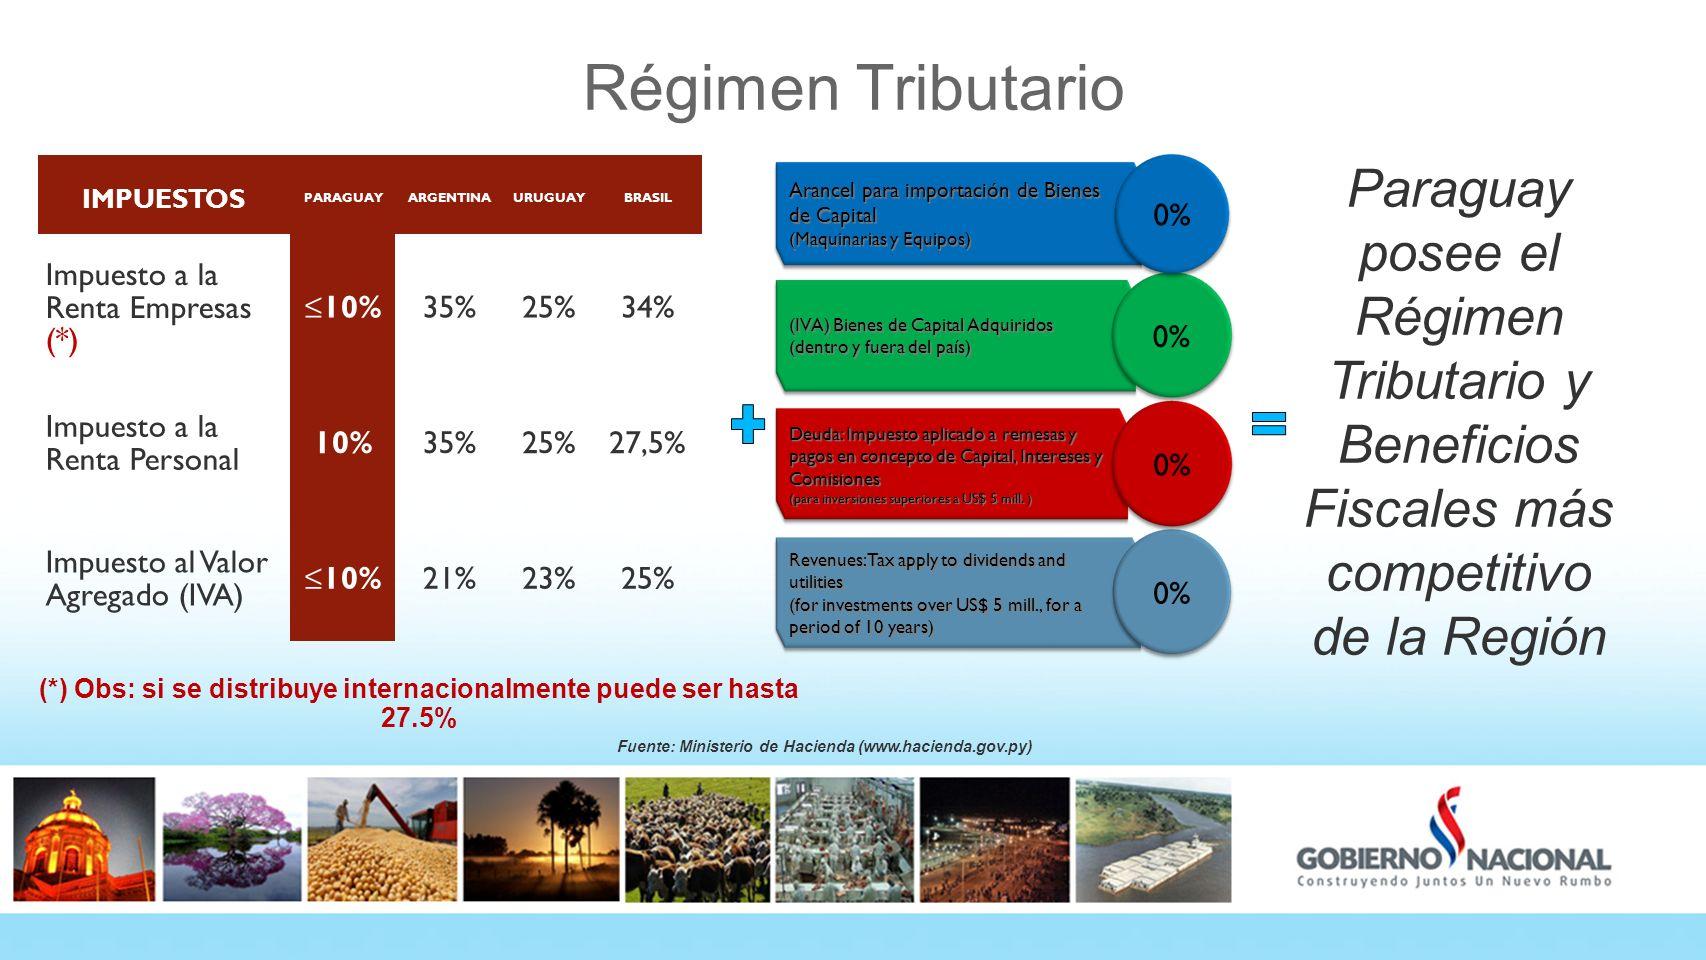 Régimen Tributario Paraguay posee el Régimen Tributario y Beneficios Fiscales más competitivo de la Región Revenues: Tax apply to dividends and utilit